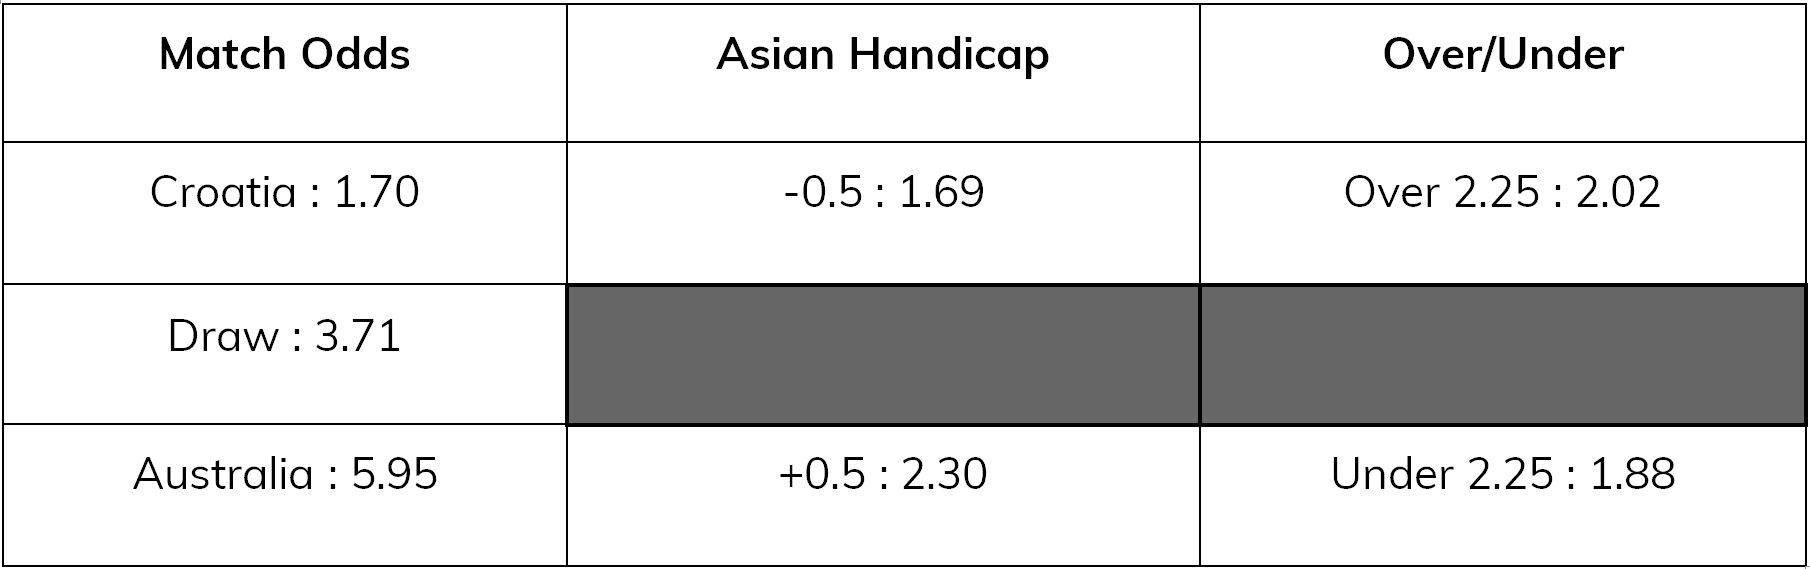 denmark-v-australia-asian-handicap, eastbridge6